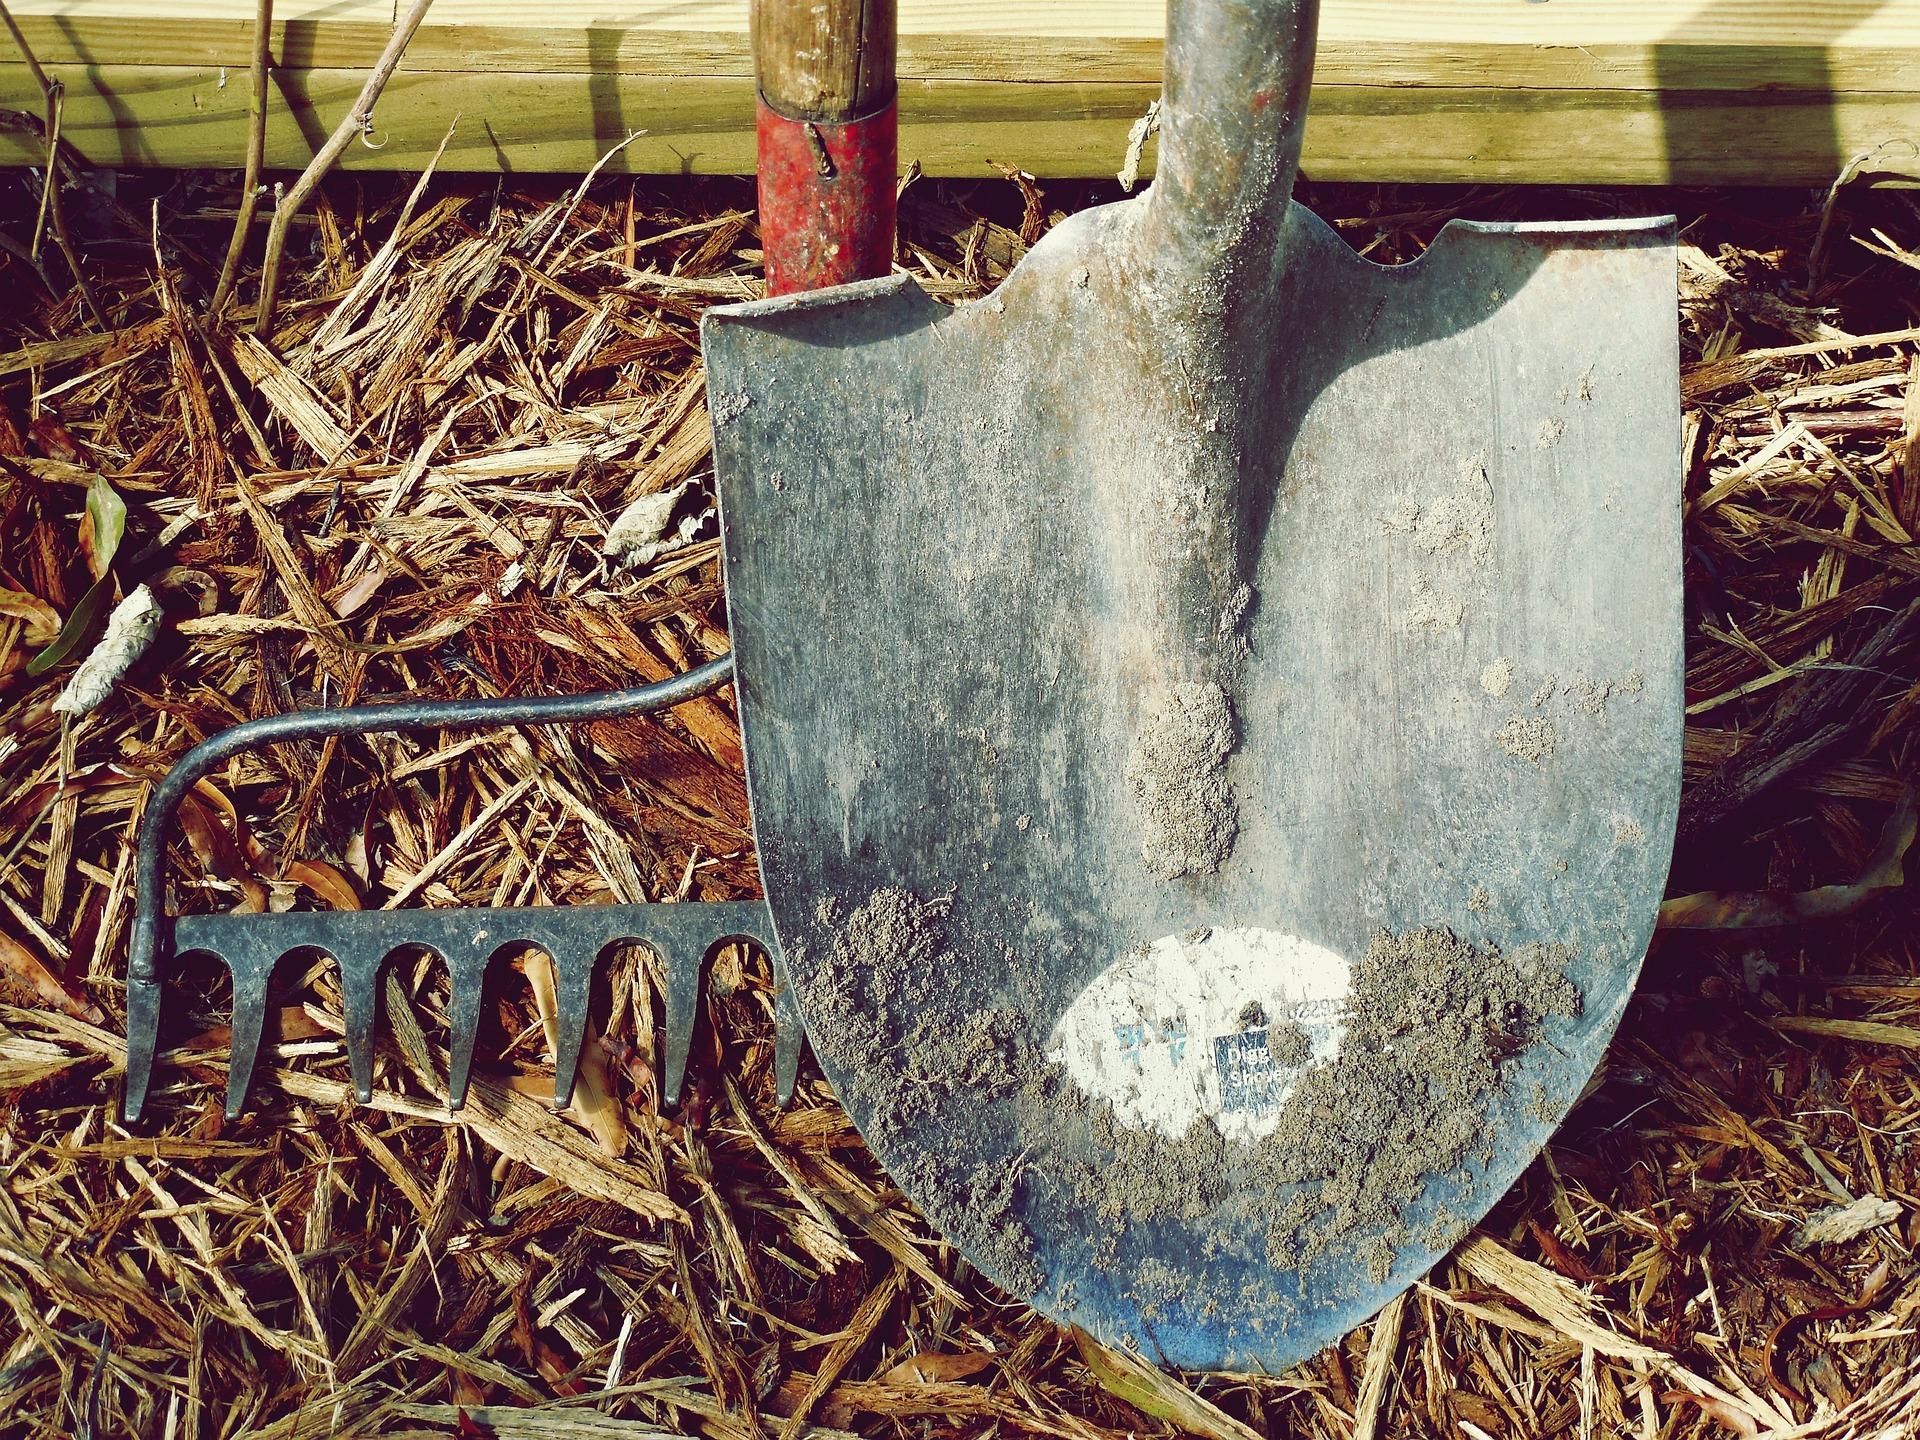 Entretien, affutage et réparation des outils